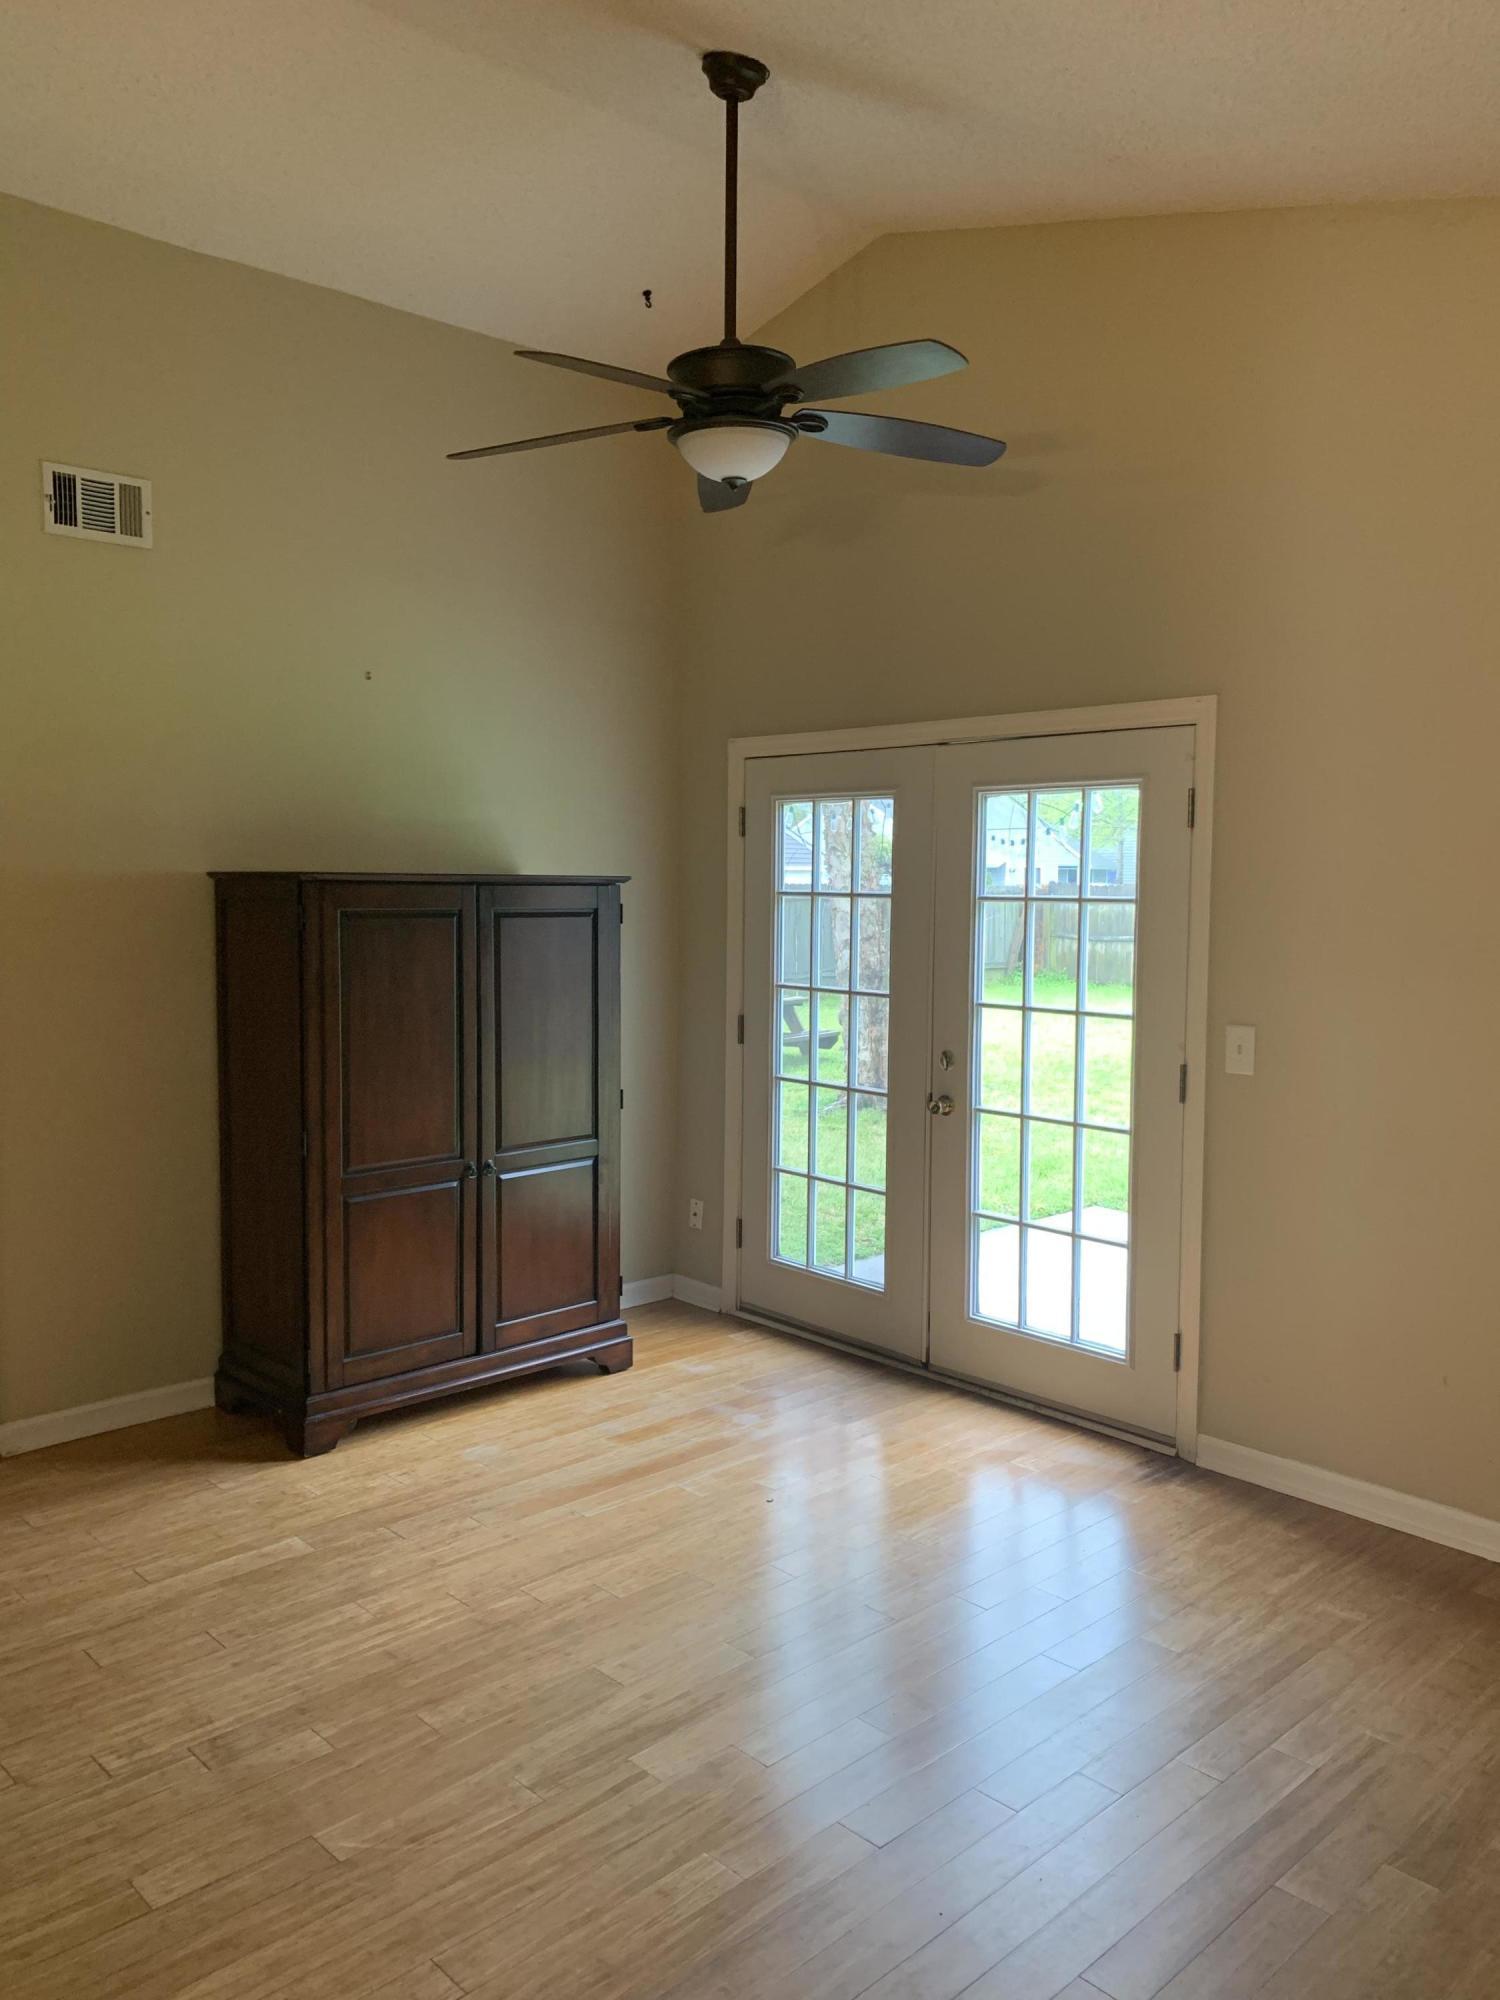 Willow Walk Homes For Sale - 1144 Oakcrest, Charleston, SC - 5